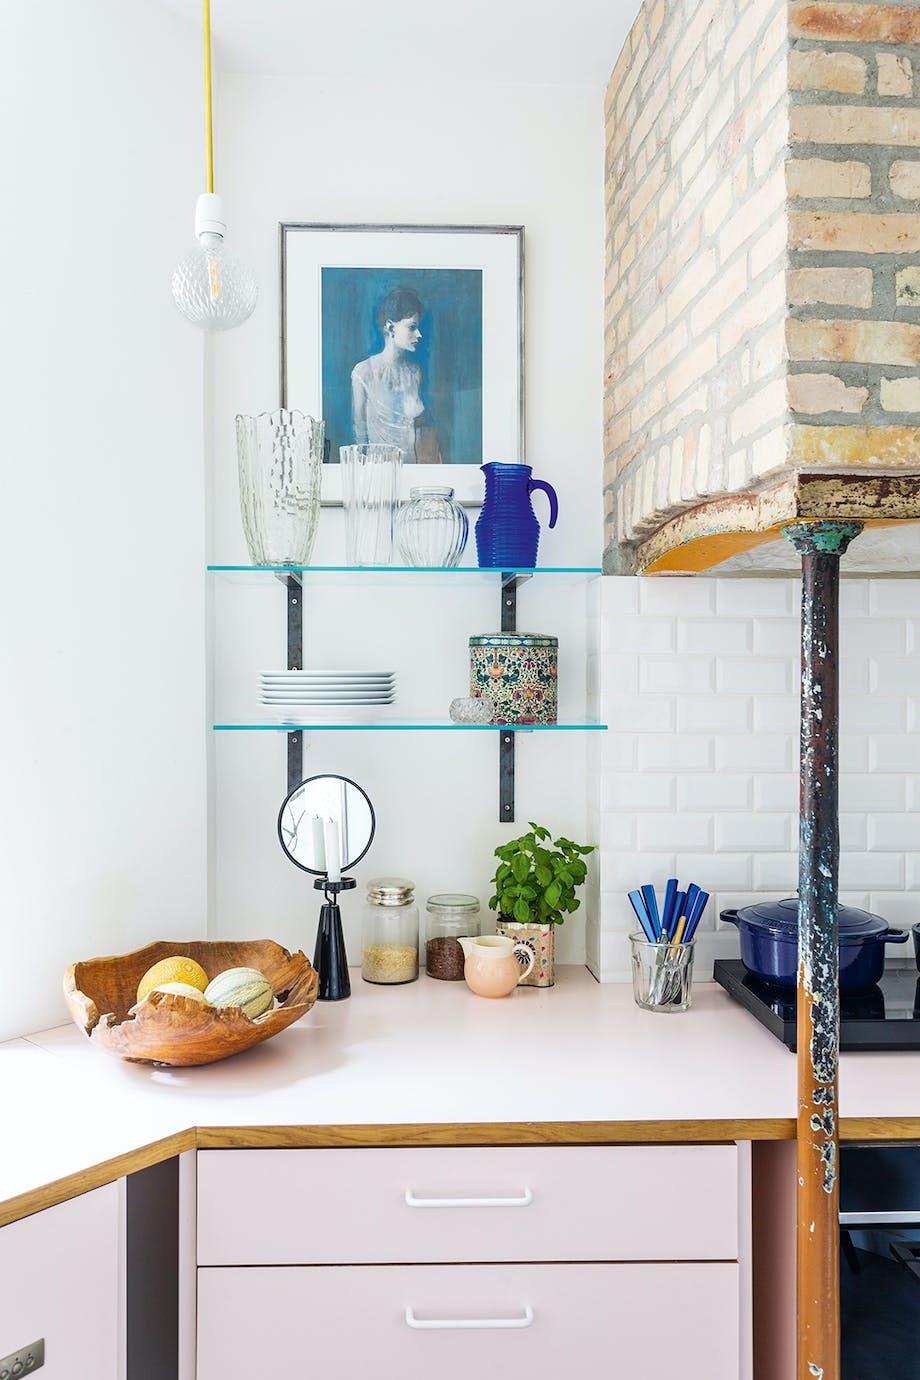 Køkken mursten ildsted kande glas kunst lyserød